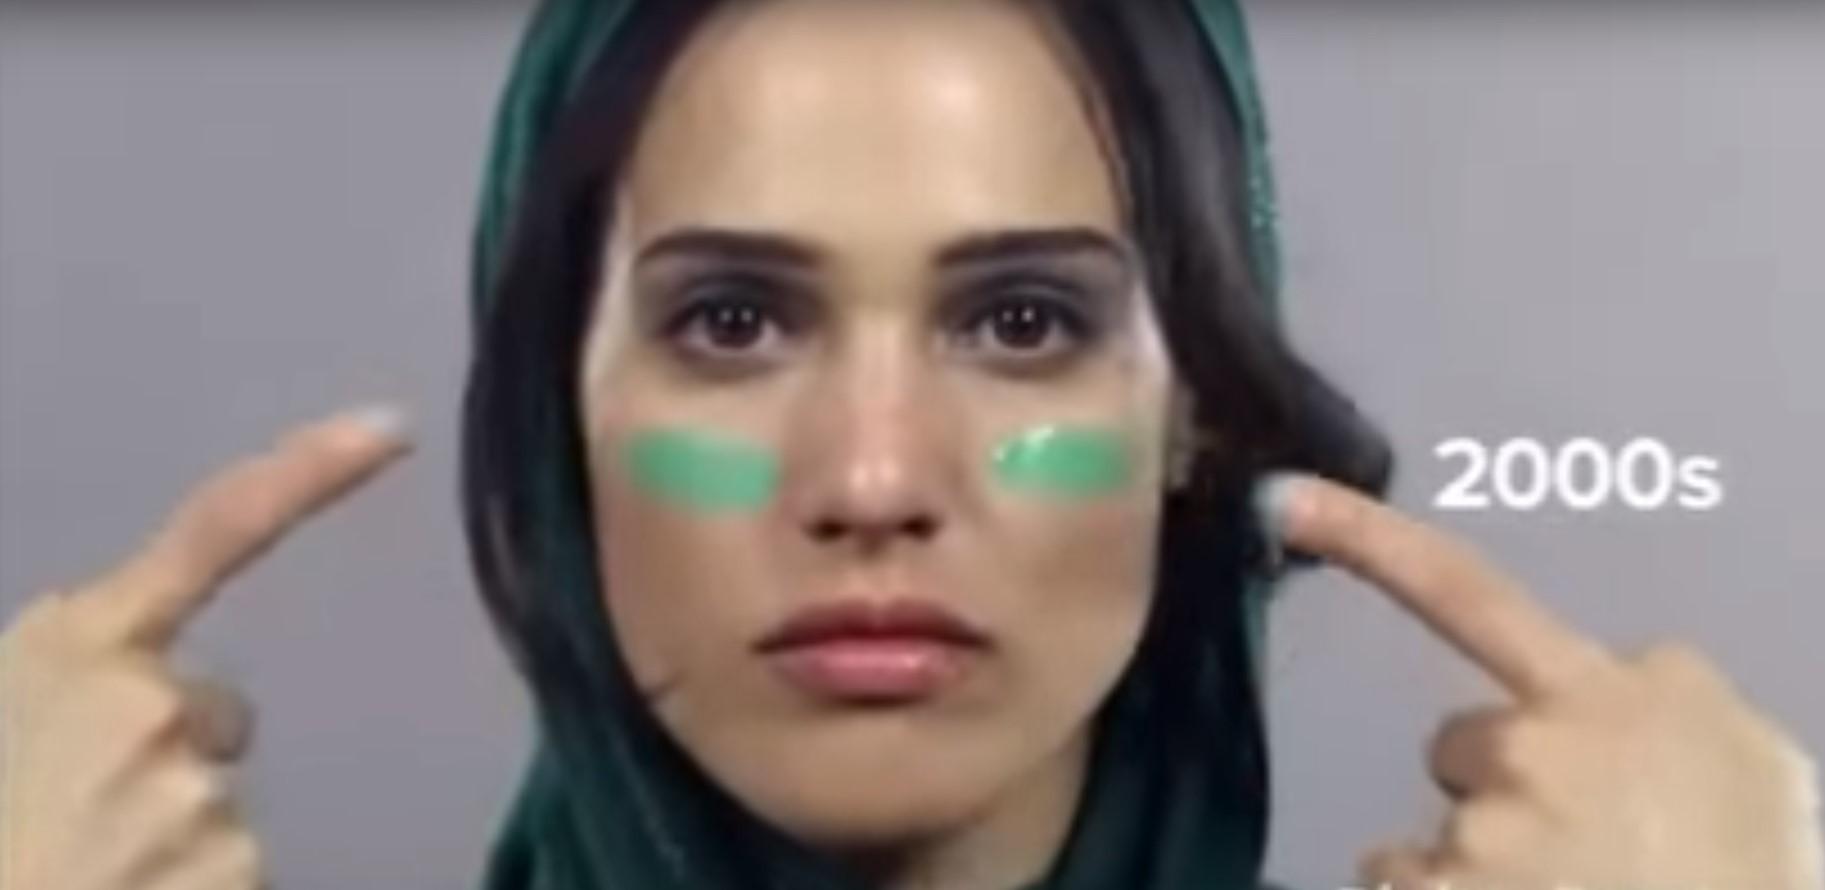 a iraniana